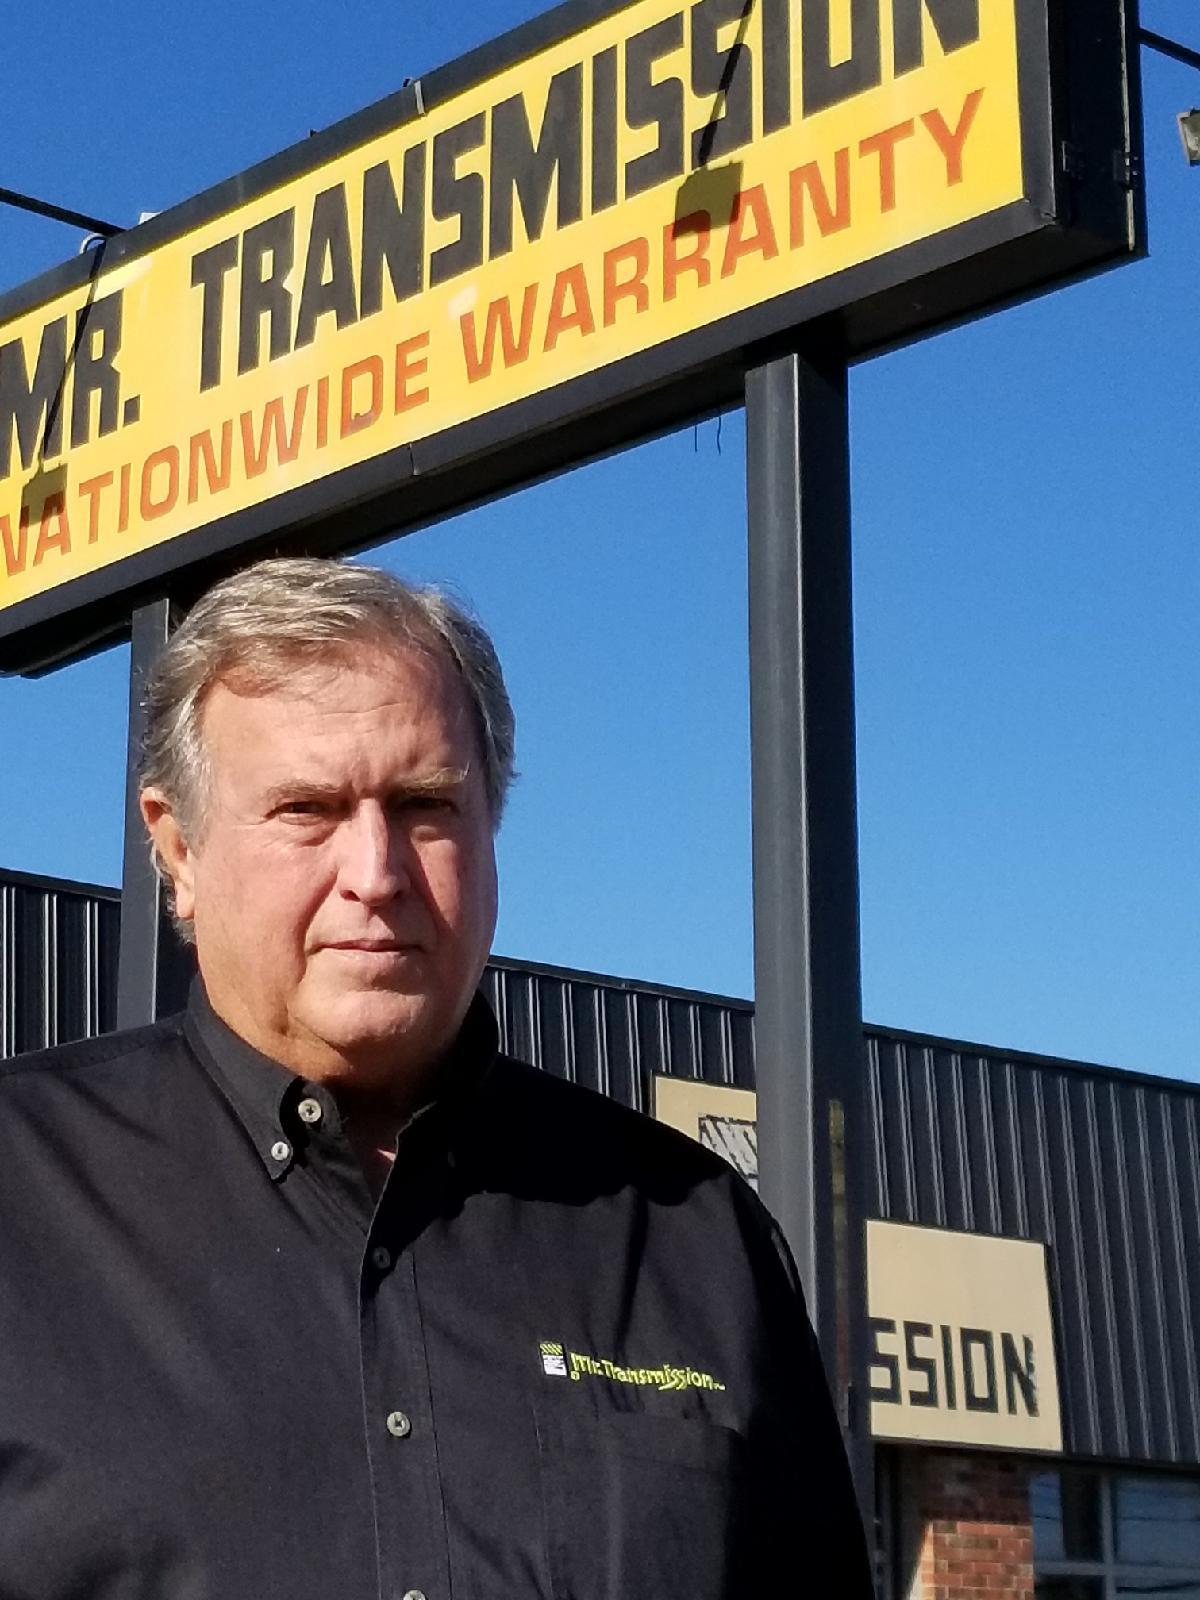 Moran Family Of Brands Celebrates Veterans Day